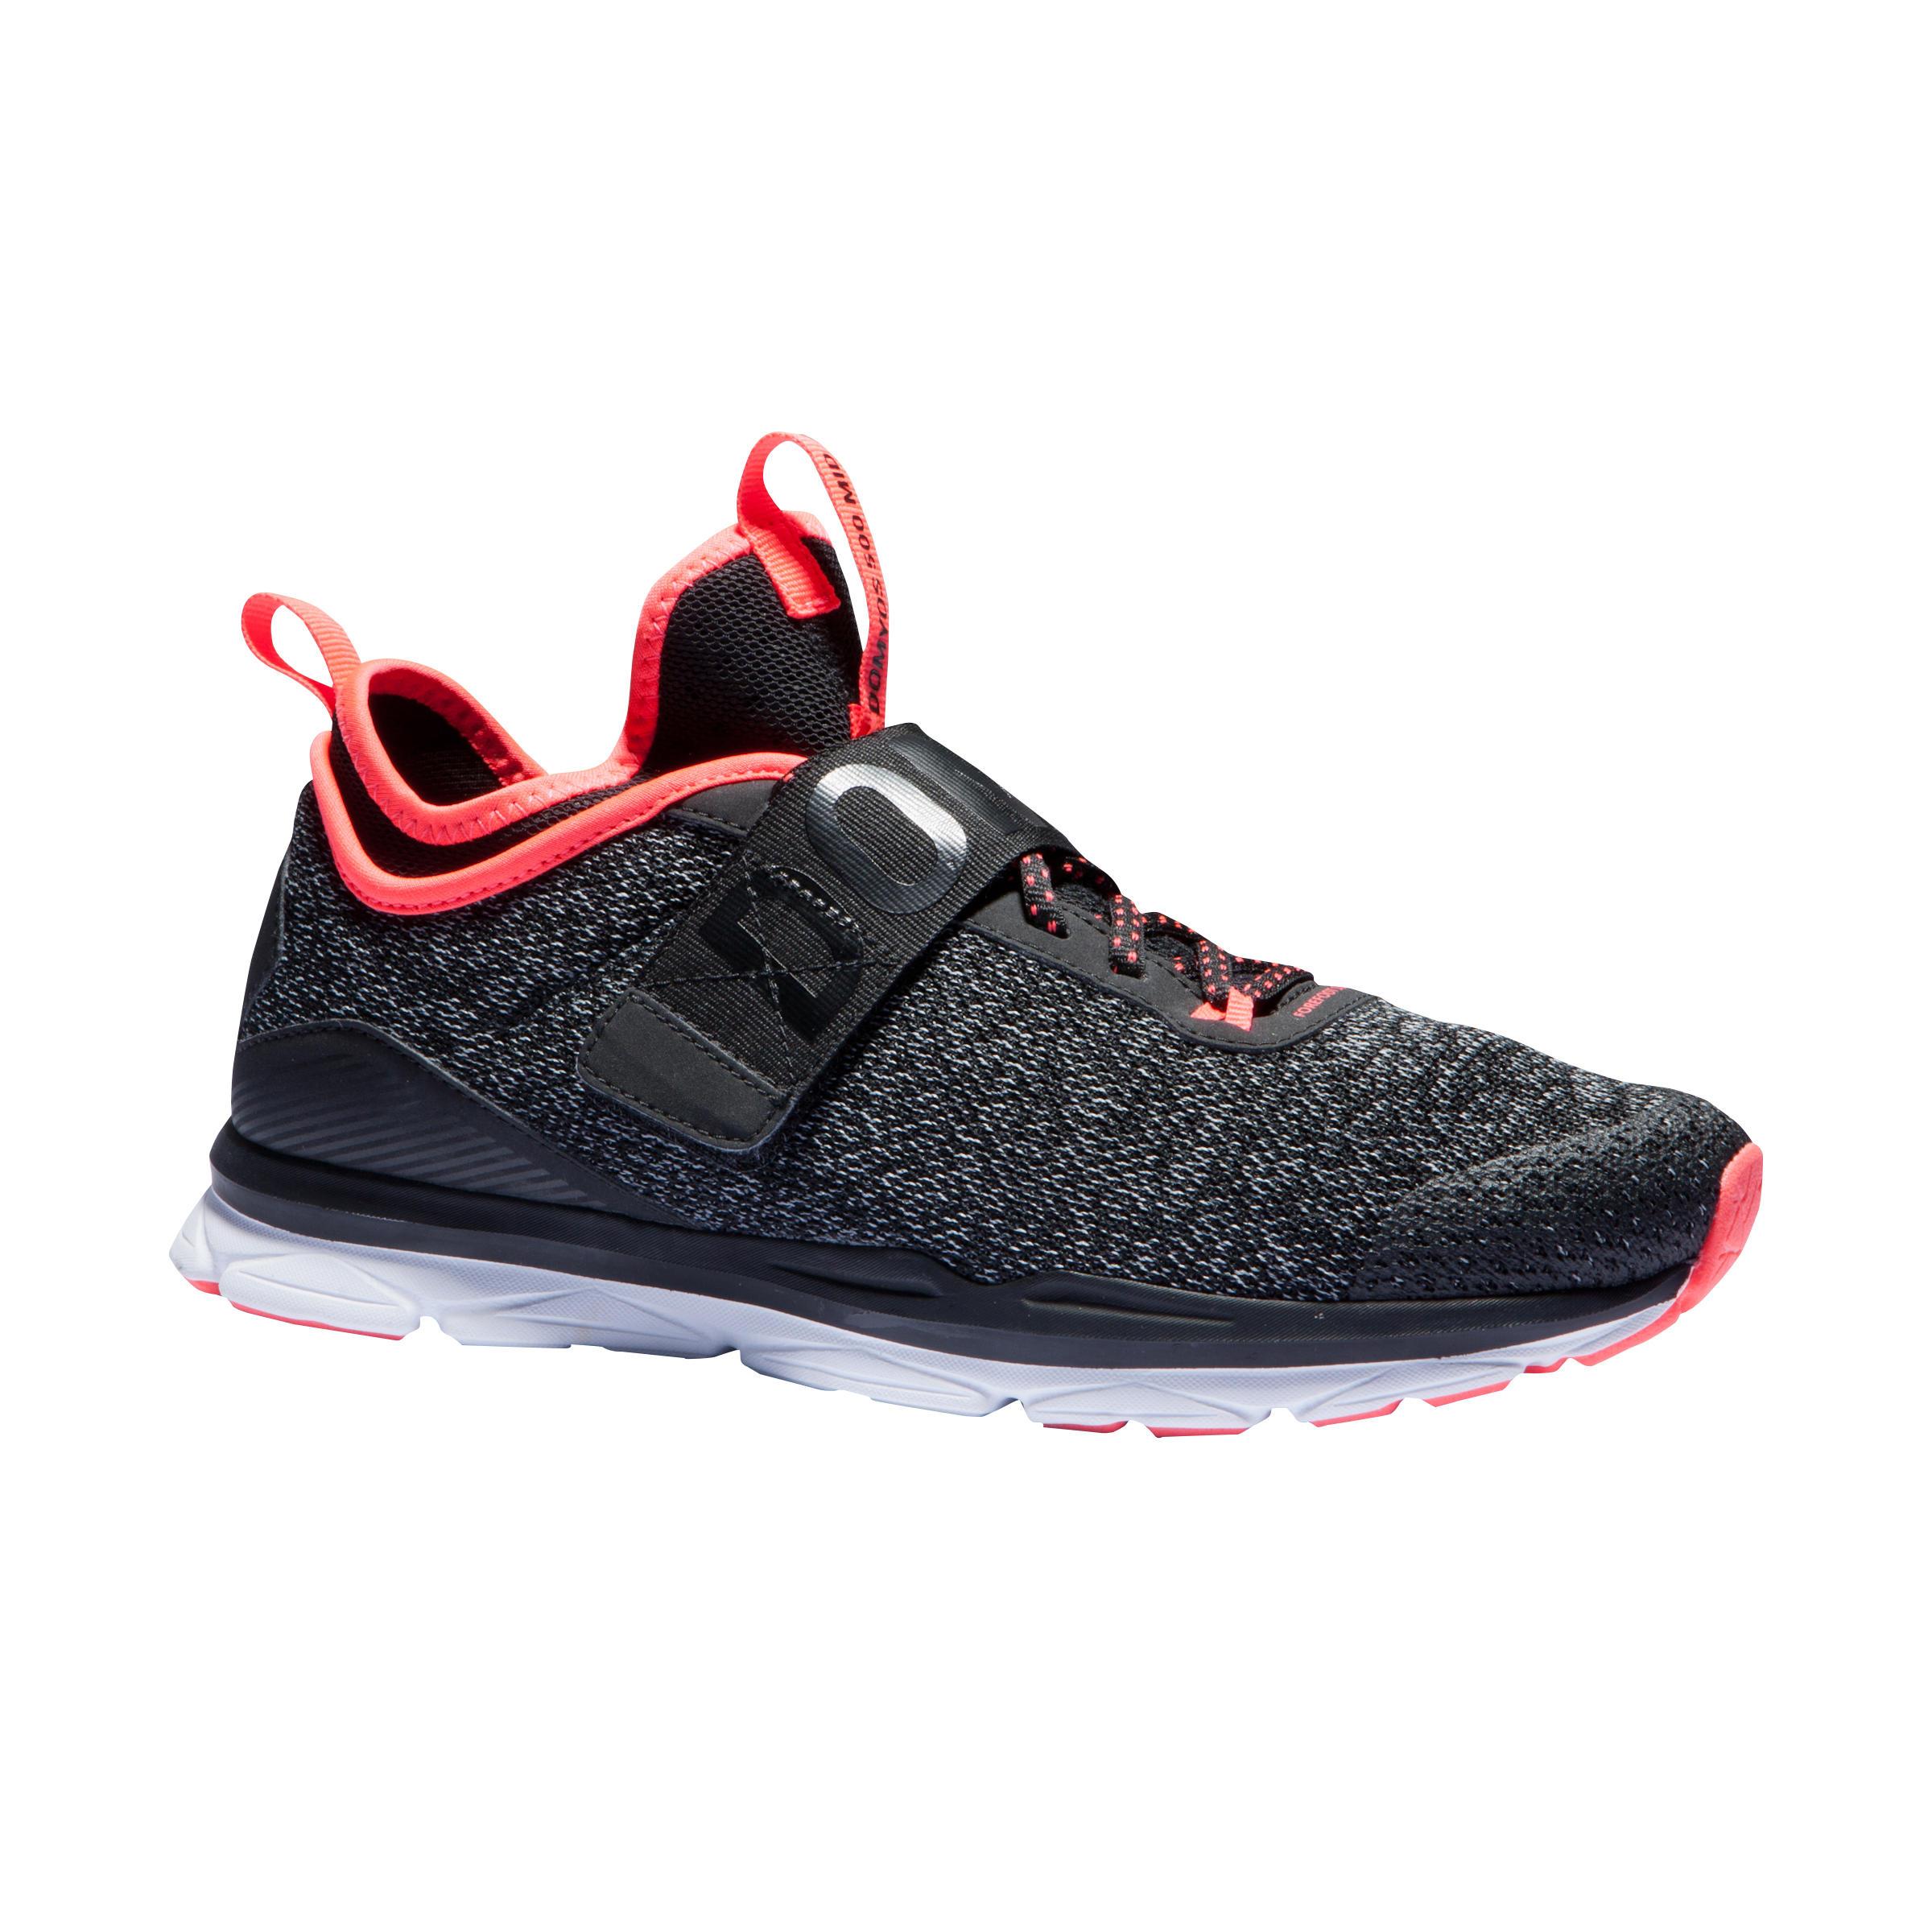 2602784 Domyos Cardiofitness schoenen 500 mid dames gemêleerd grijs en koraal